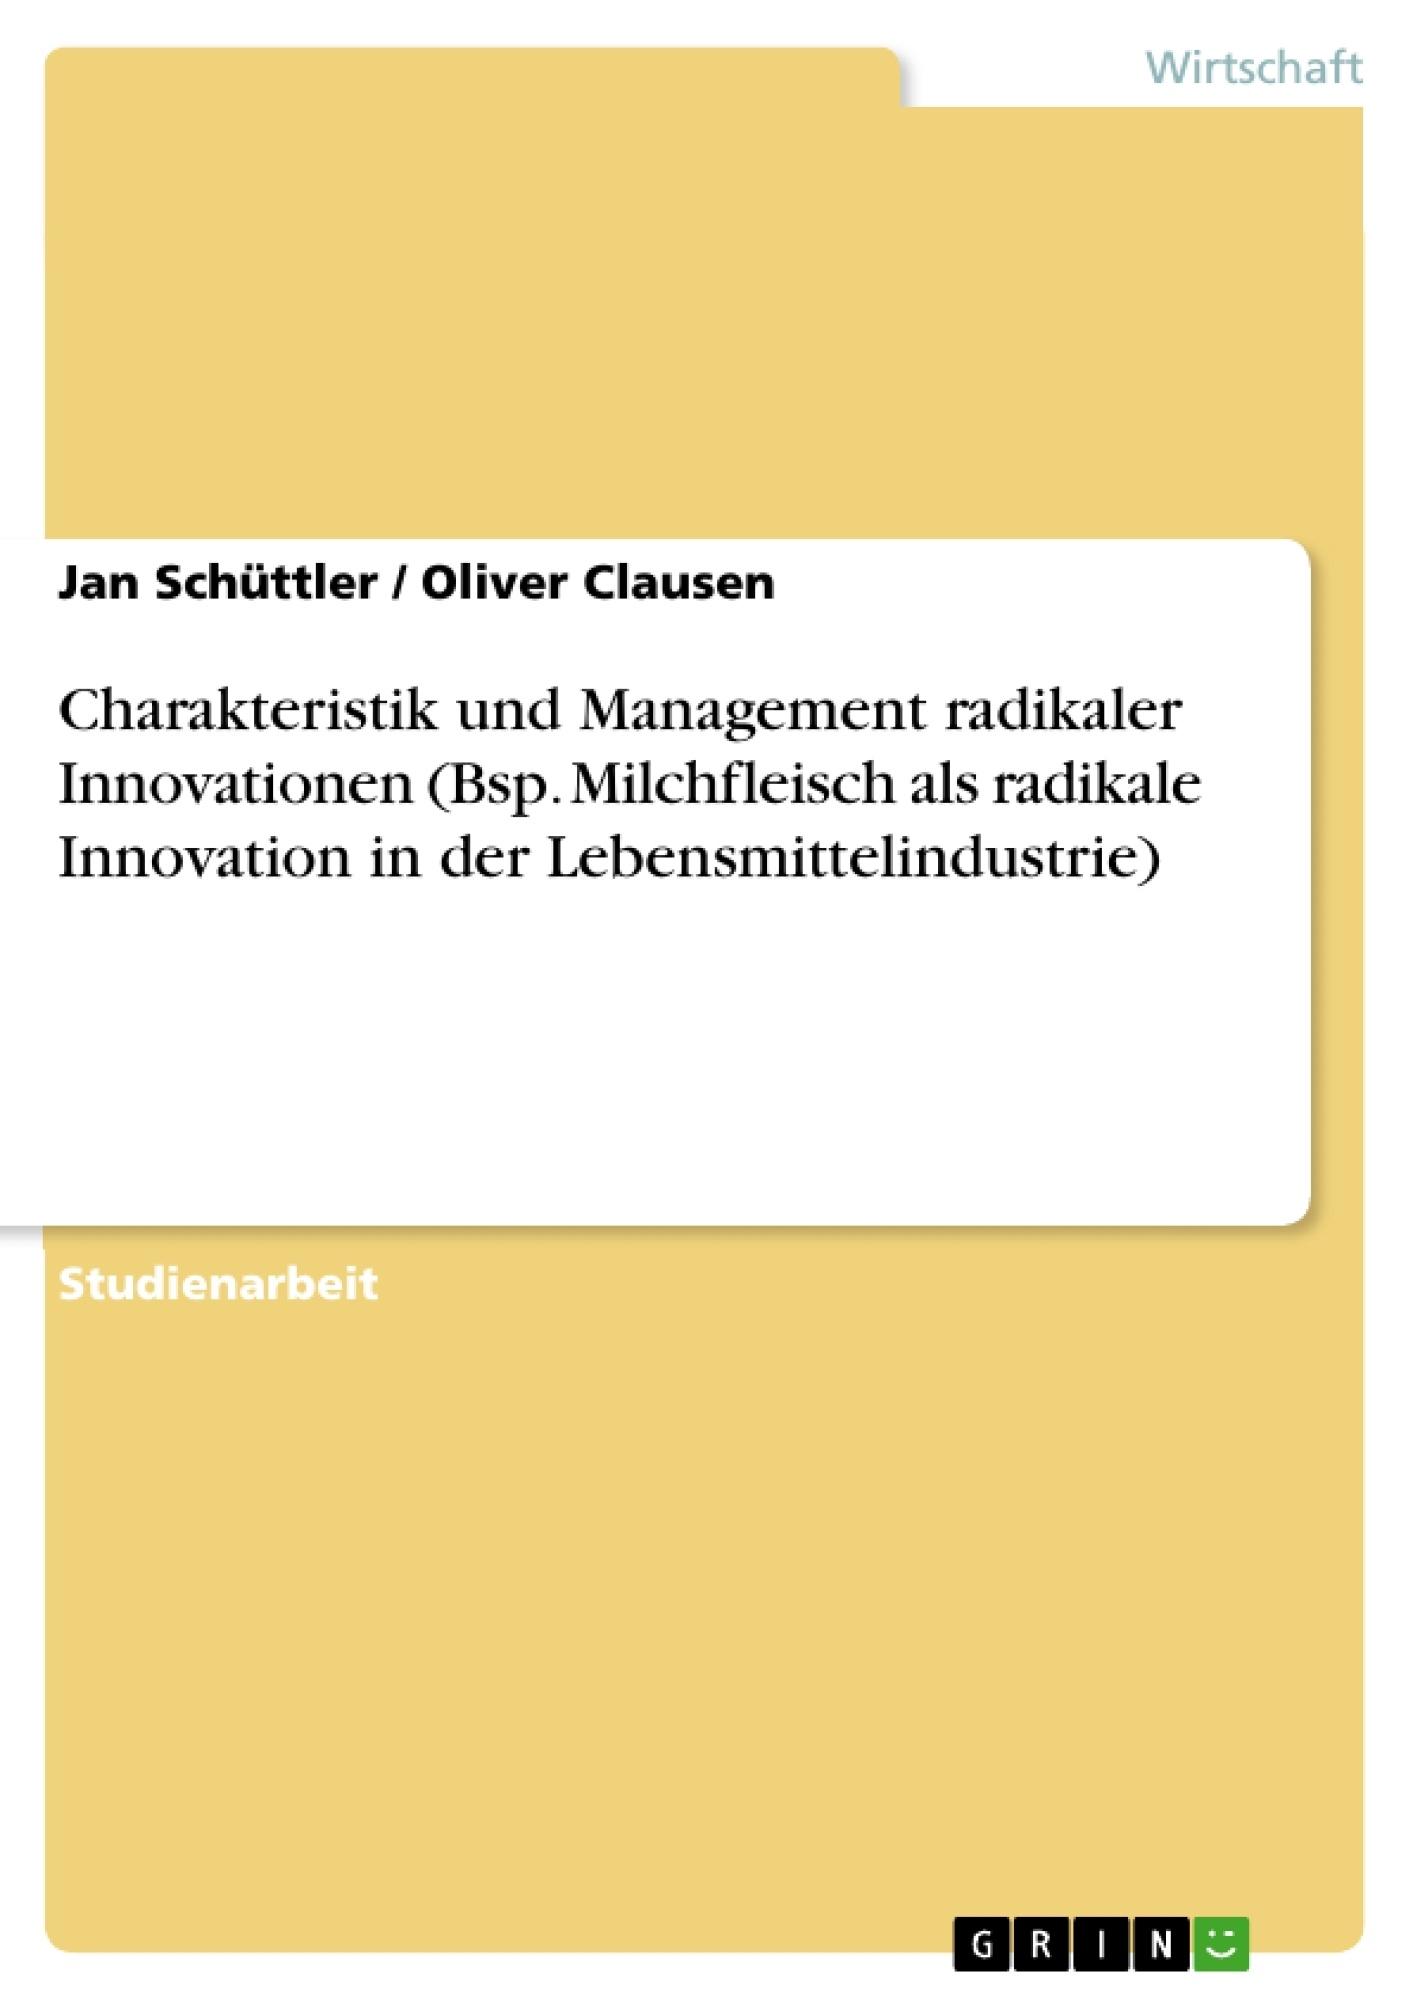 Titel: Charakteristik und Management radikaler Innovationen (Bsp. Milchfleisch als radikale Innovation in der Lebensmittelindustrie)